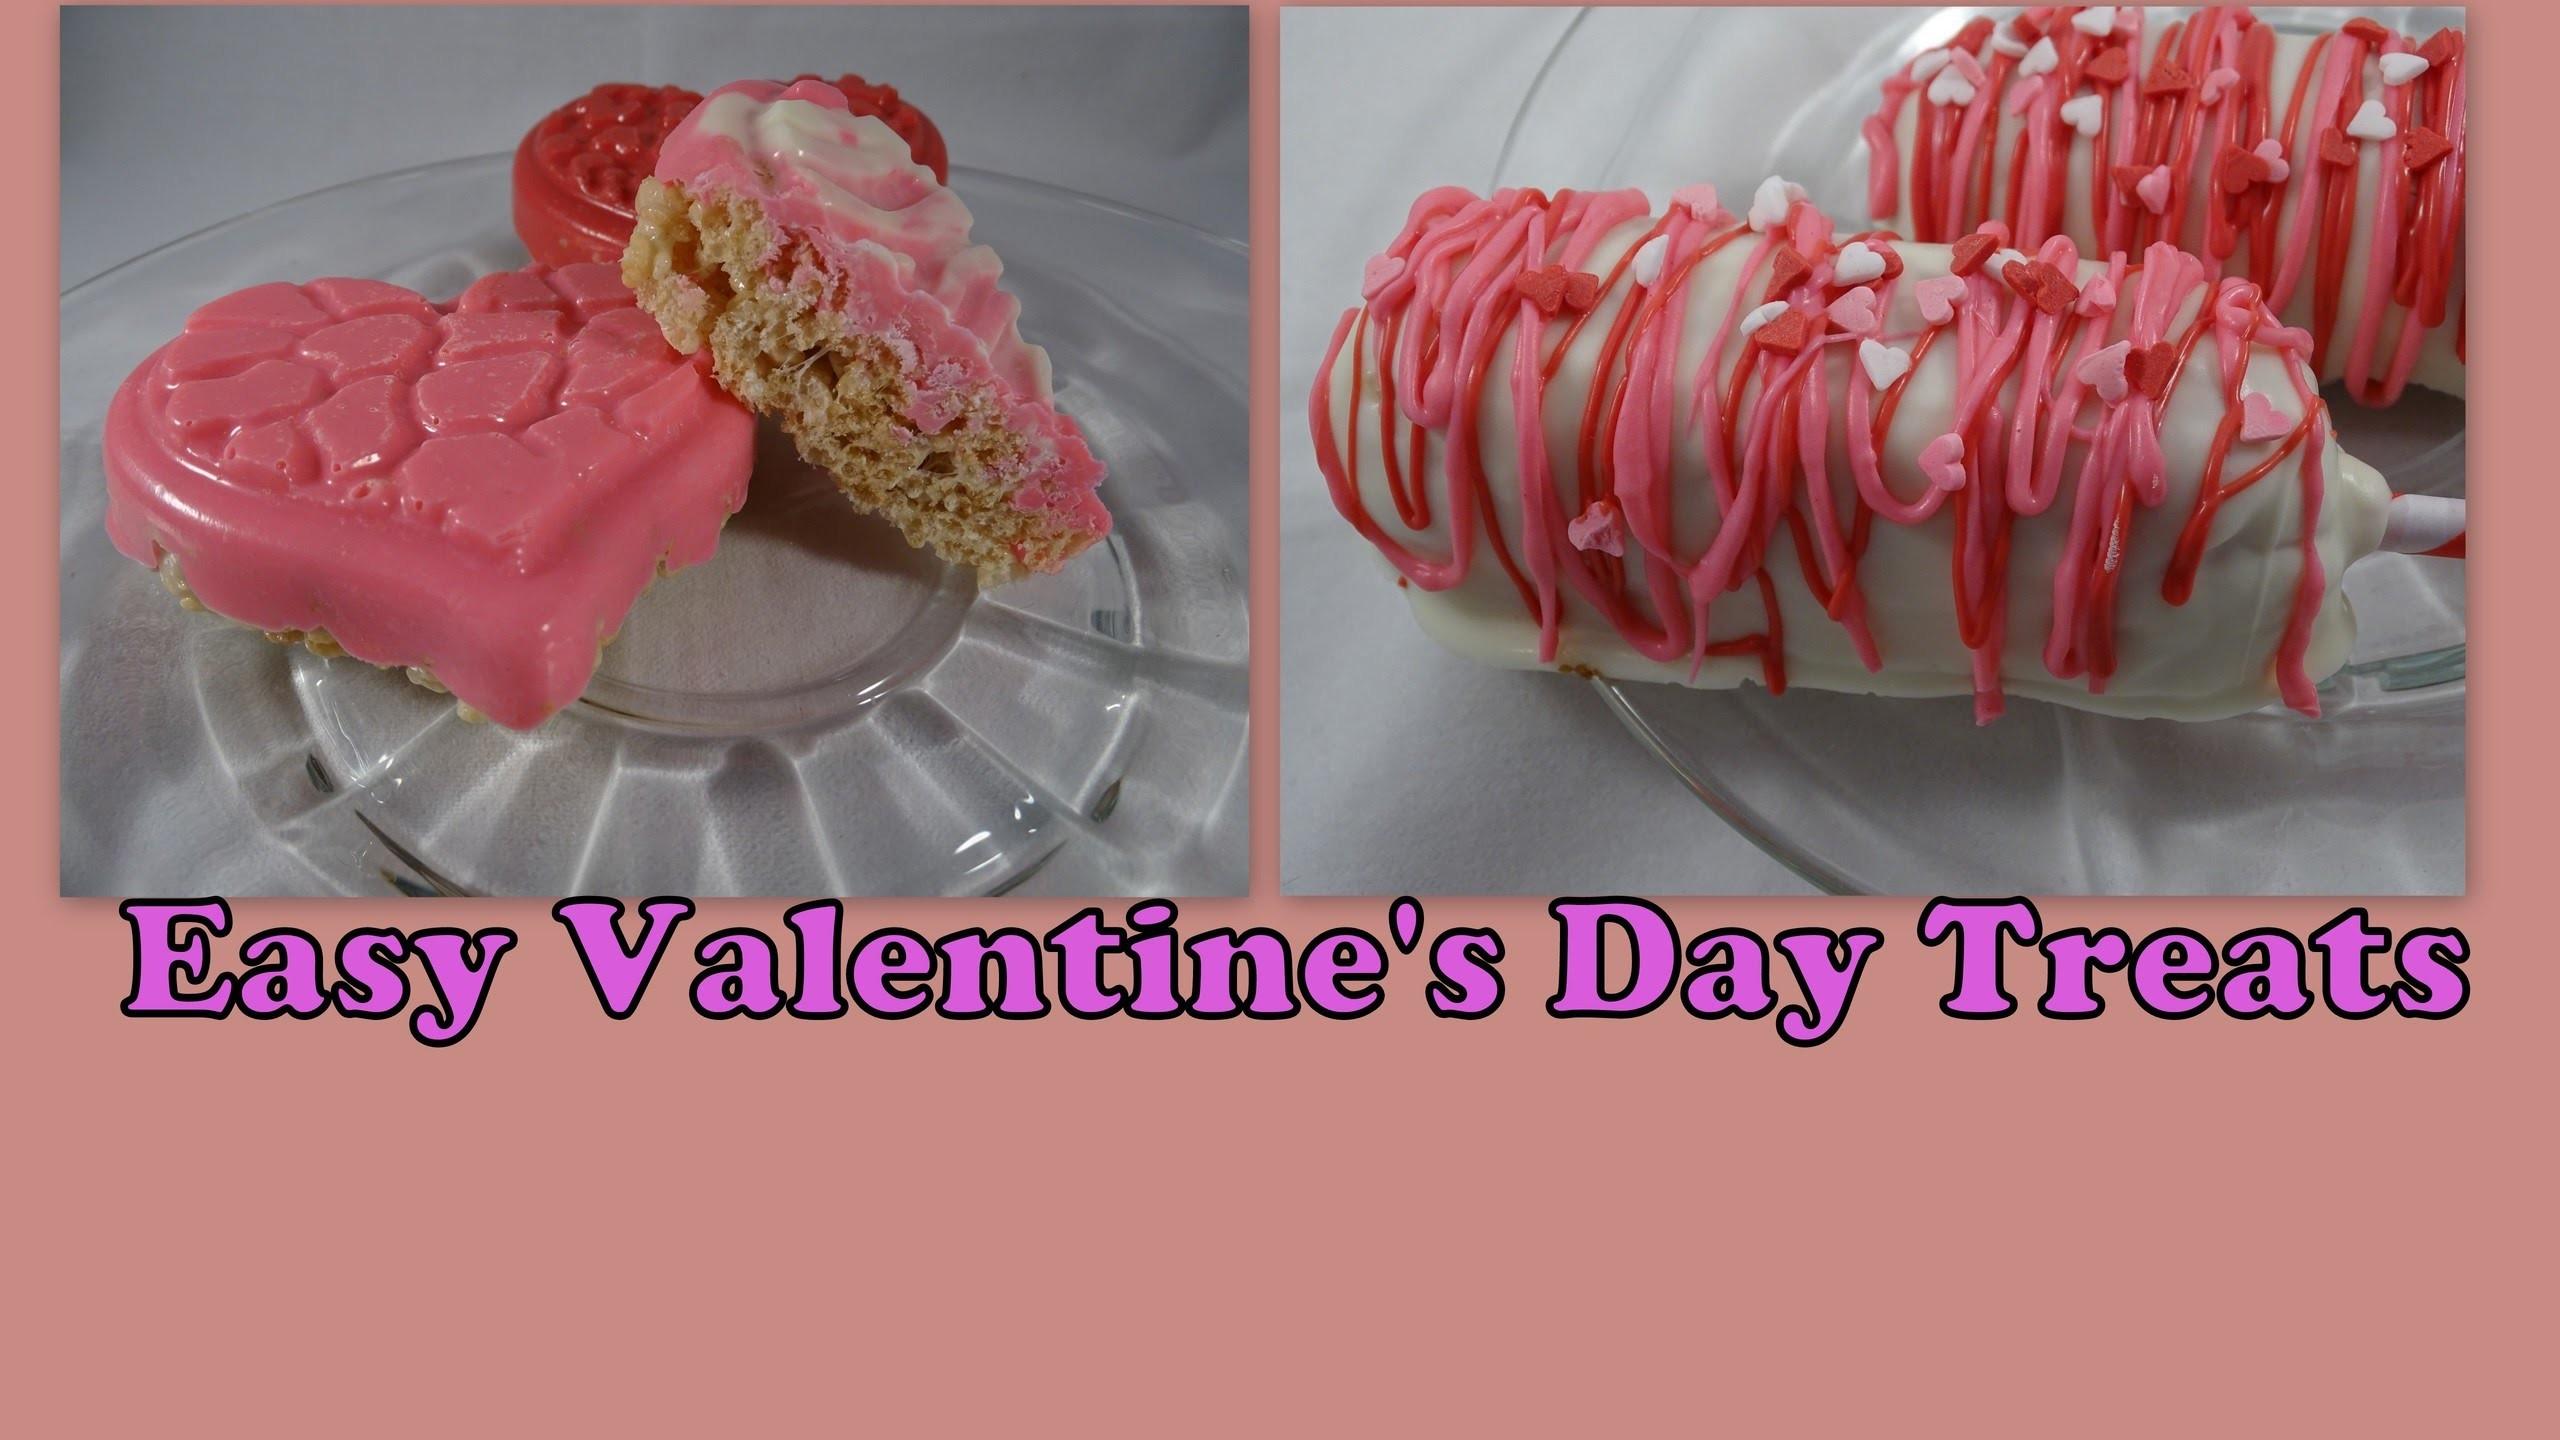 Valentine's Day Twinkie and Rice Krispie Treats- with yoyomax12